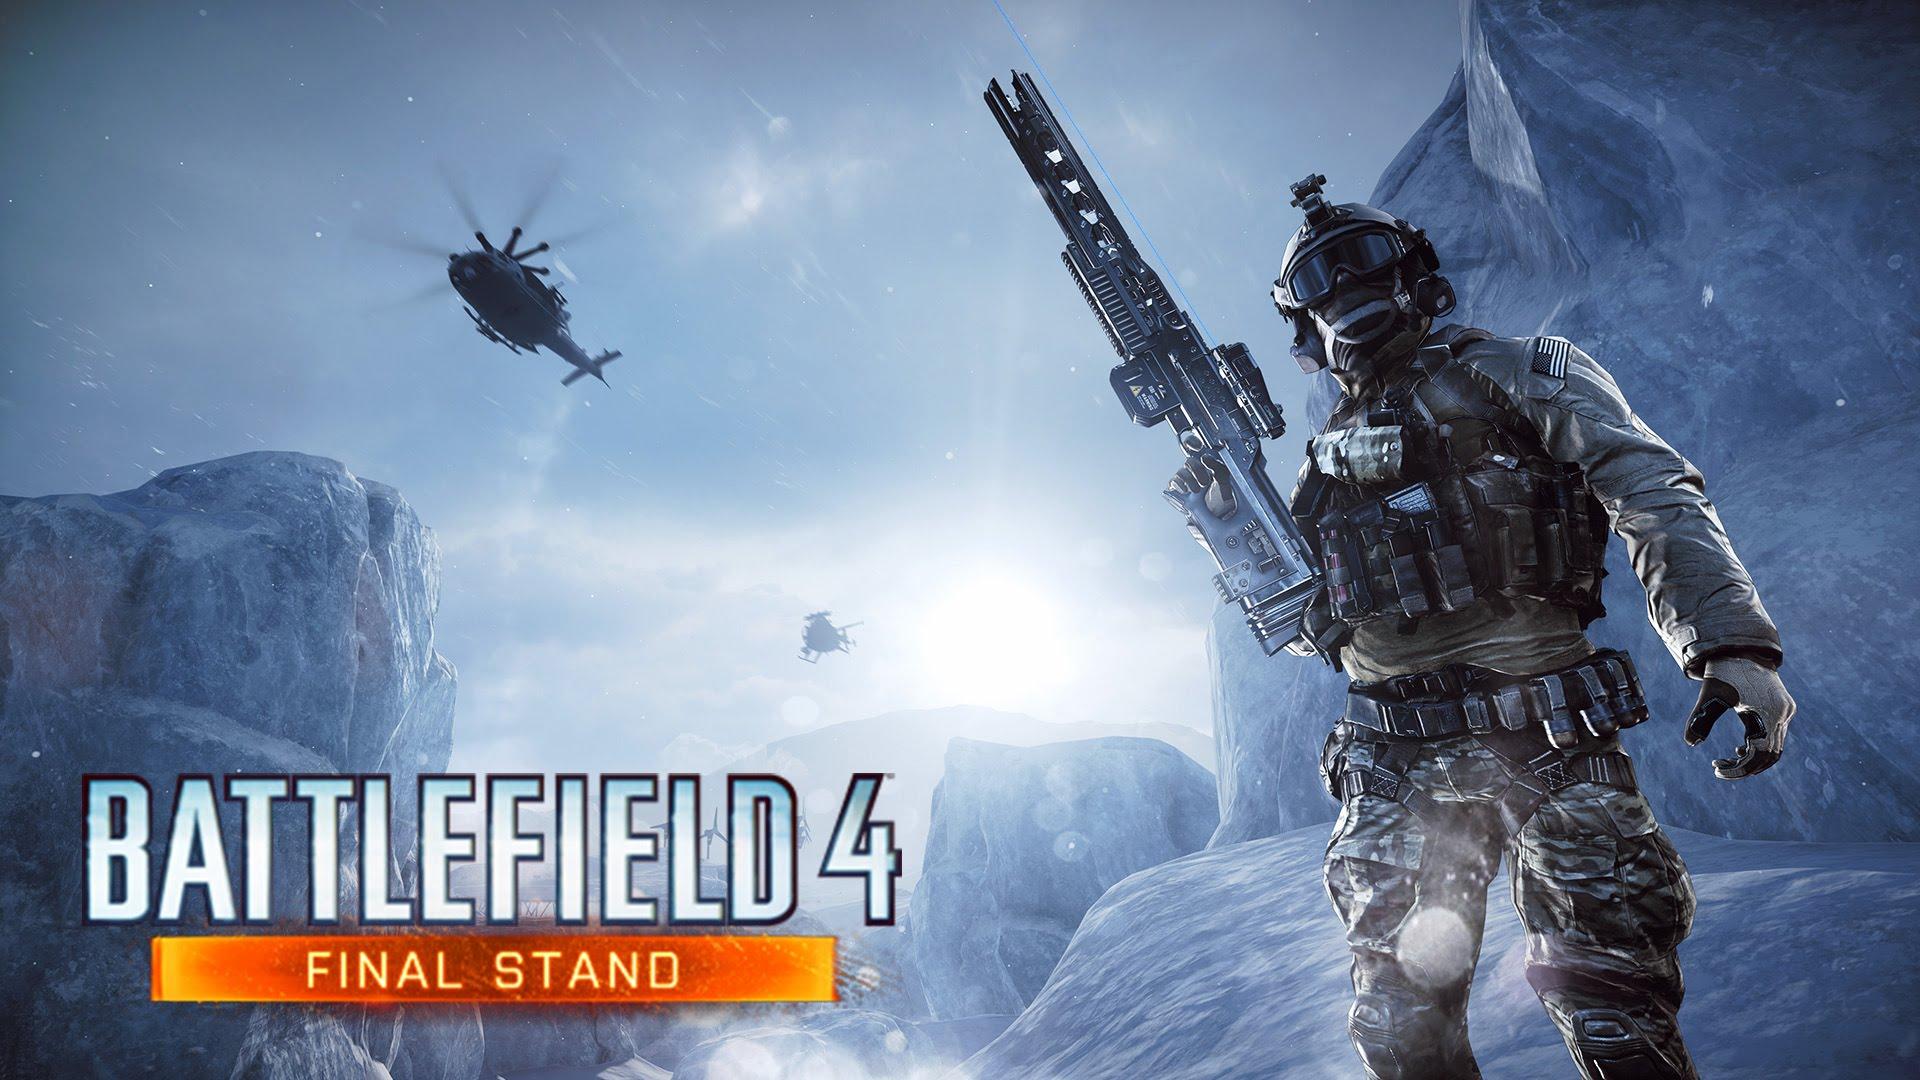 Battlefield 4 Final Stand ab sofort erhältlich